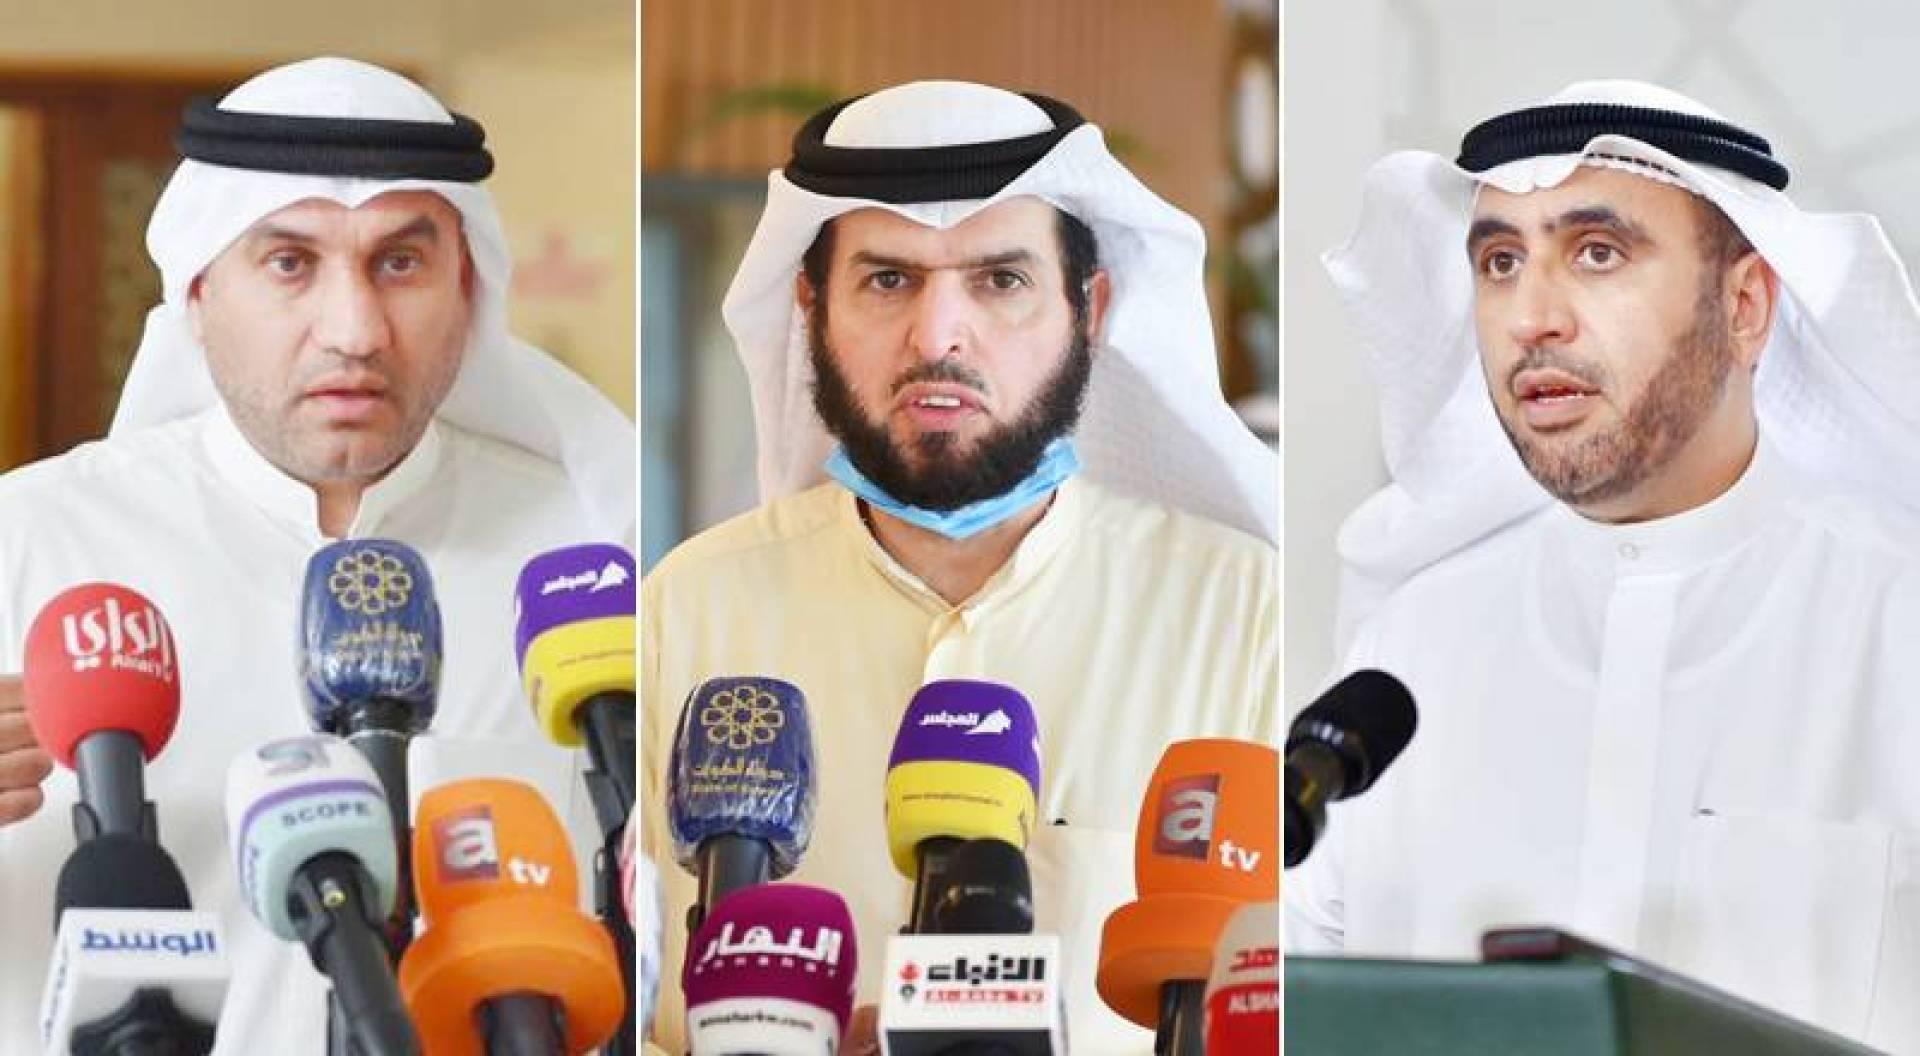 محمد الدلال - عادل الدمخي - عبدالله الكندري